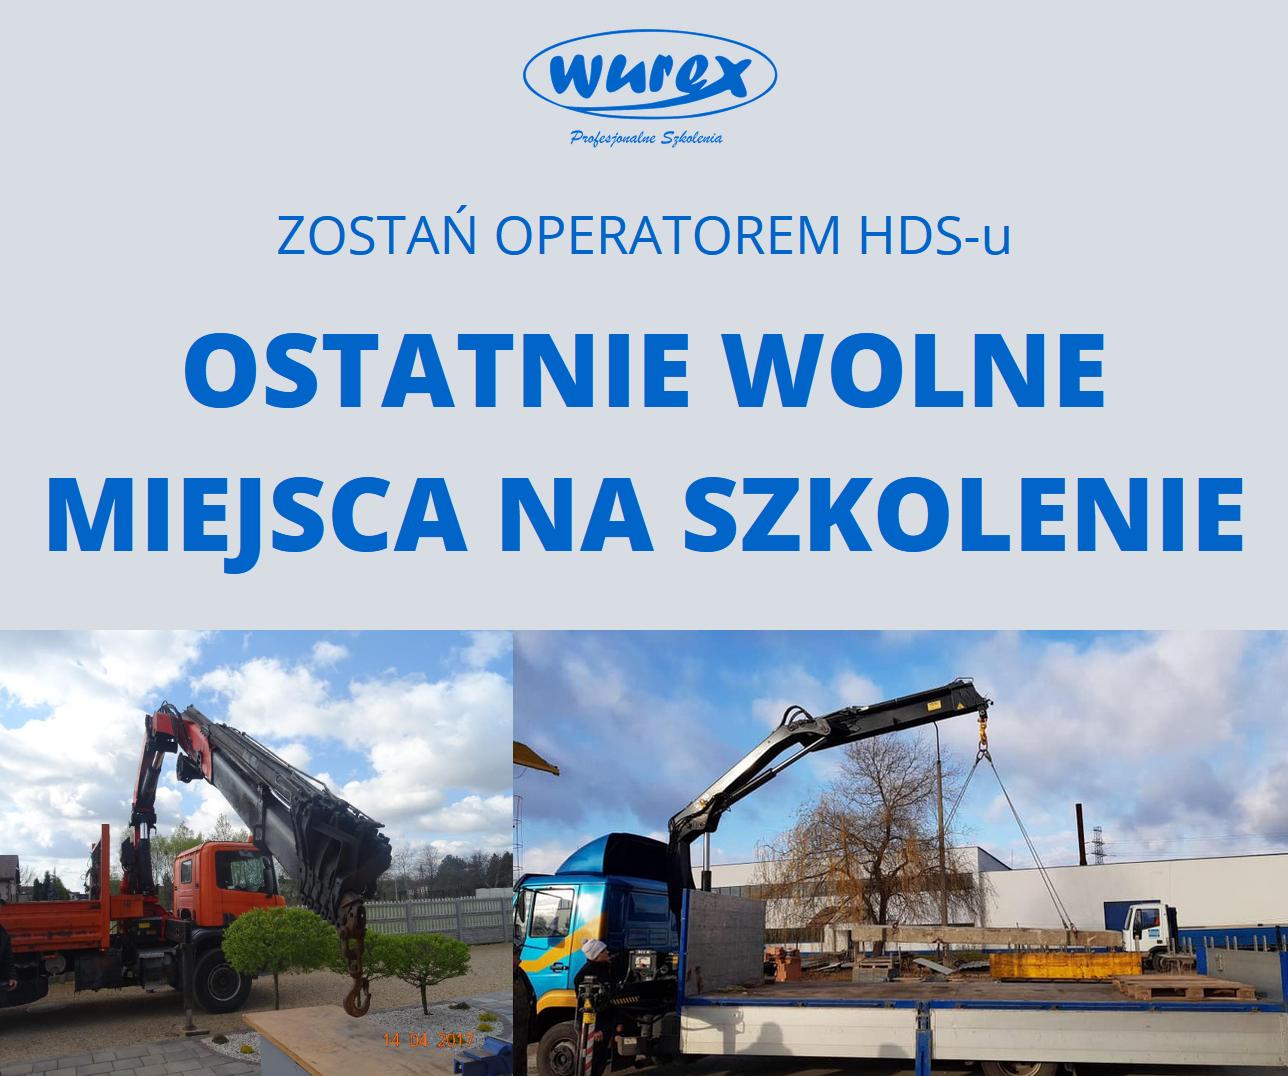 kurs - operator HDSu - szkolenie - Wurex Częstochowa